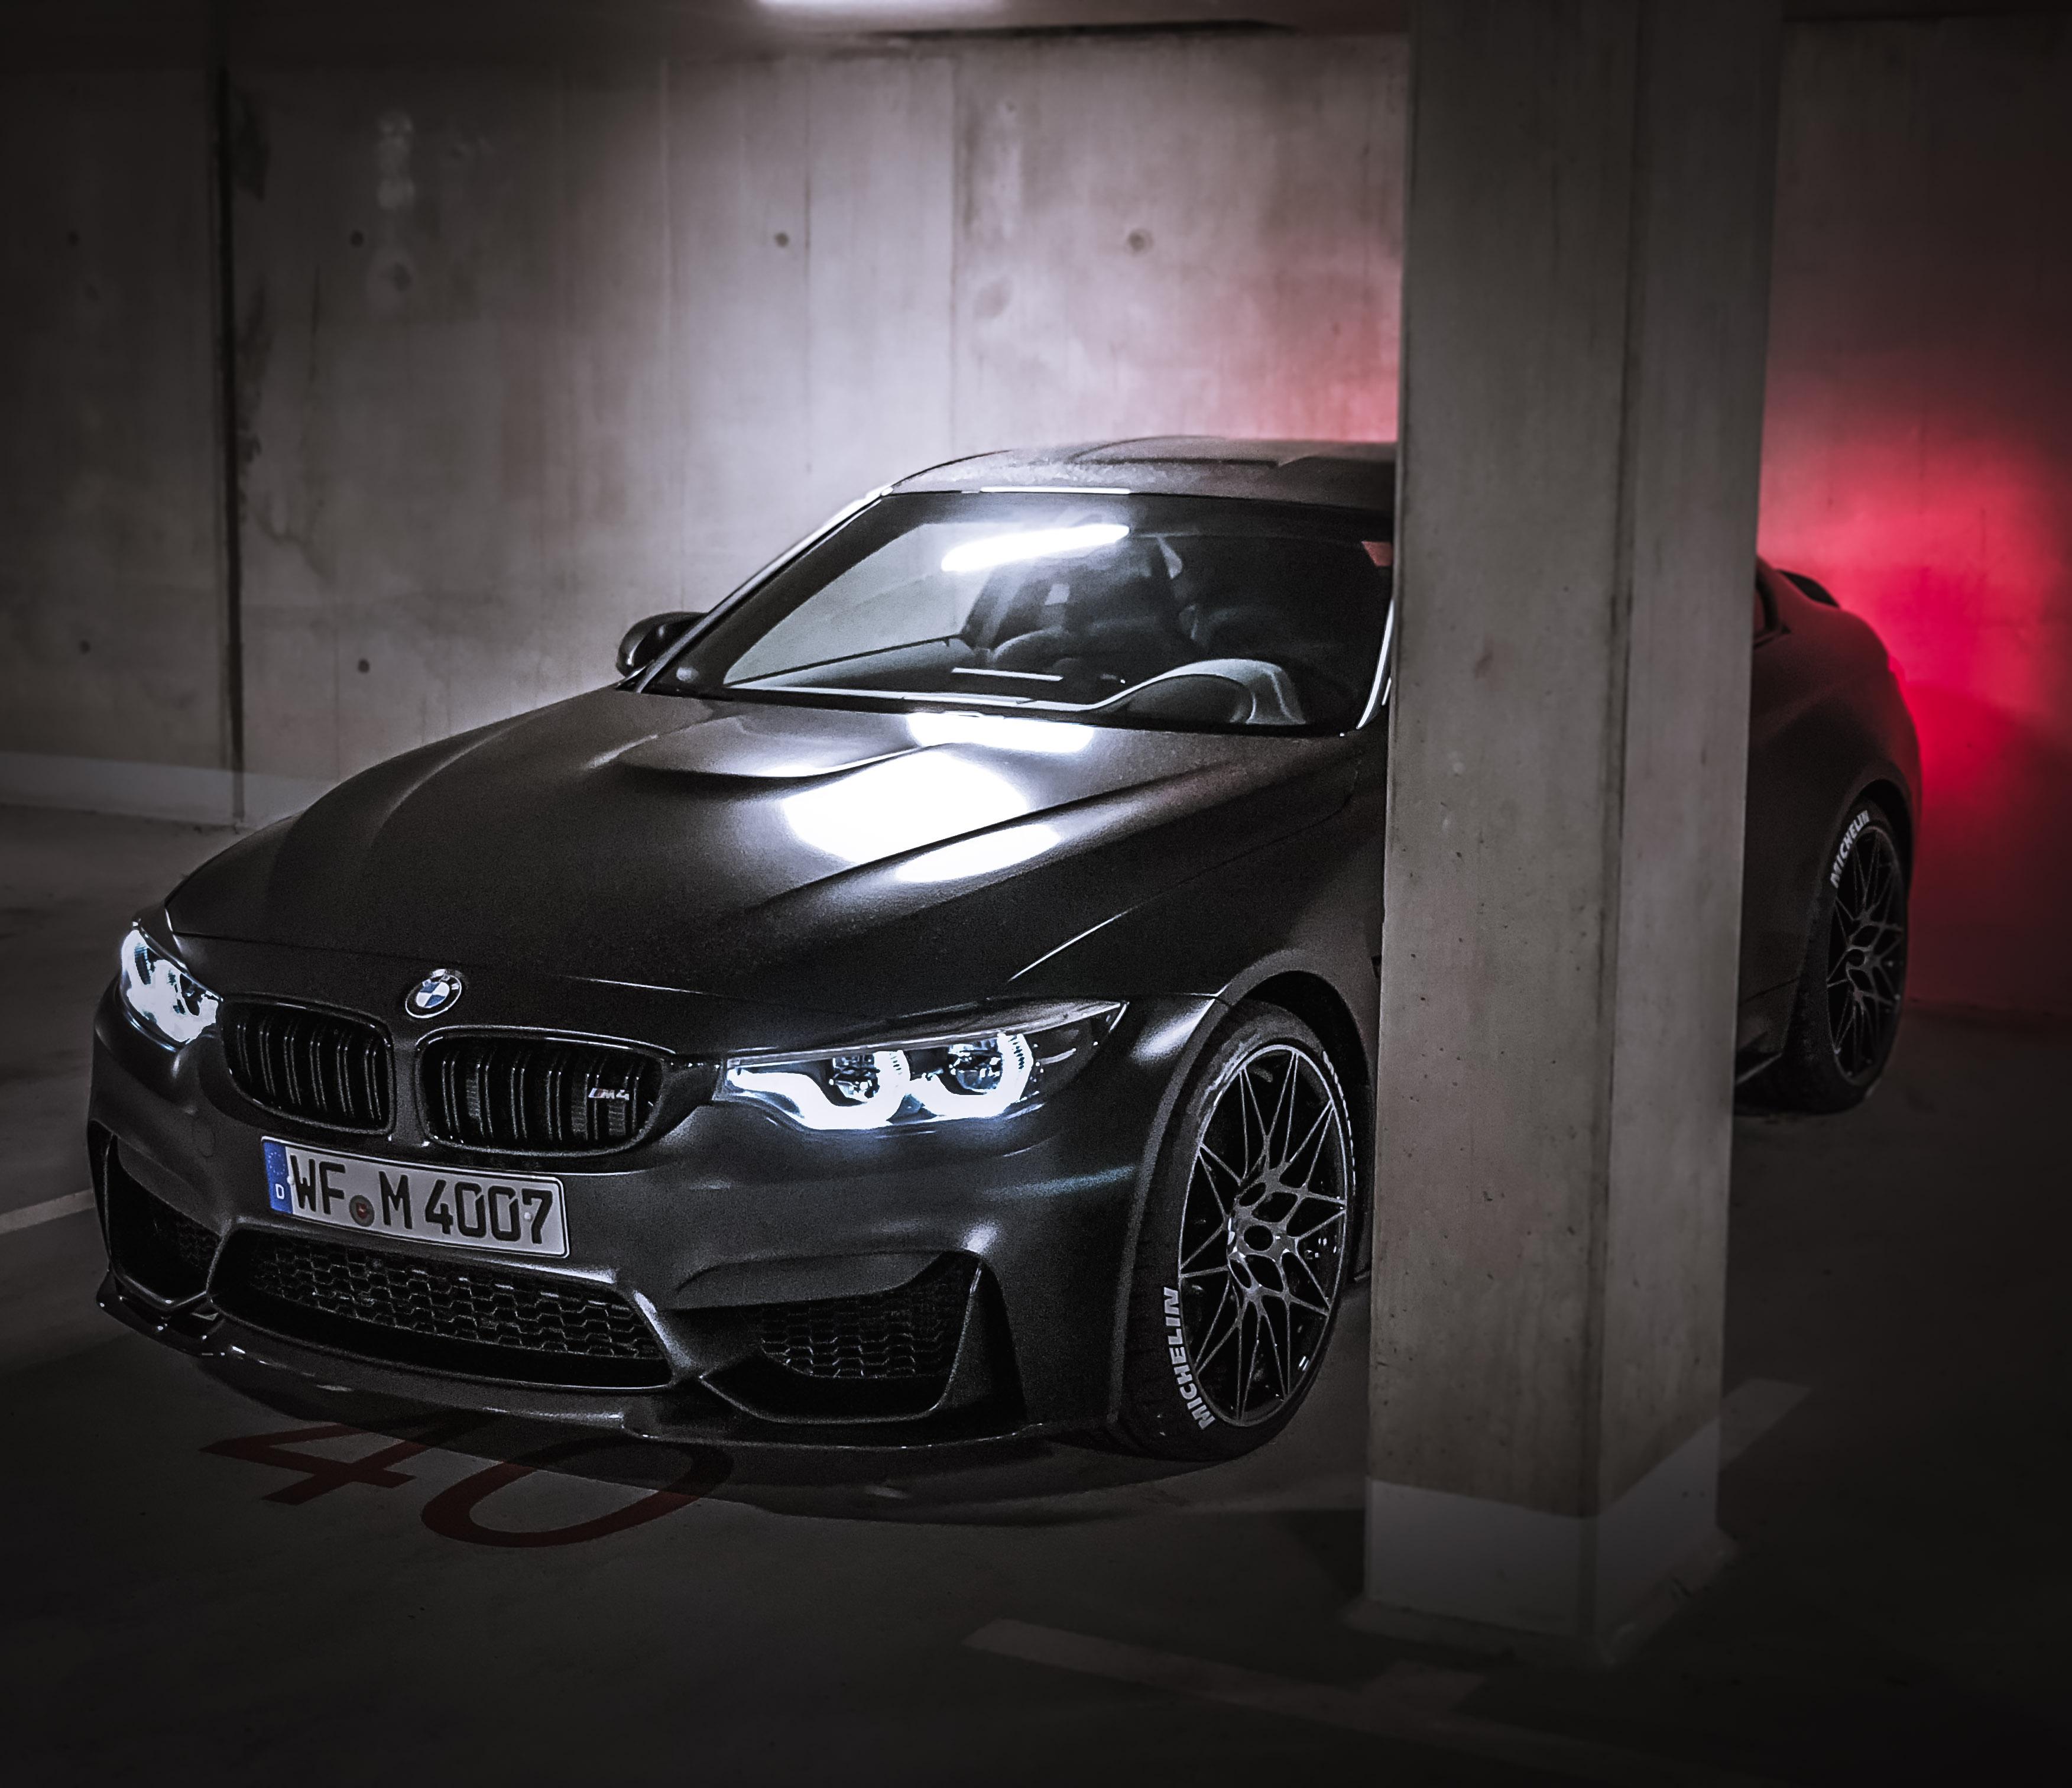 2018 Bmw M4 Competition Sound Check Acceleration Automann Tv